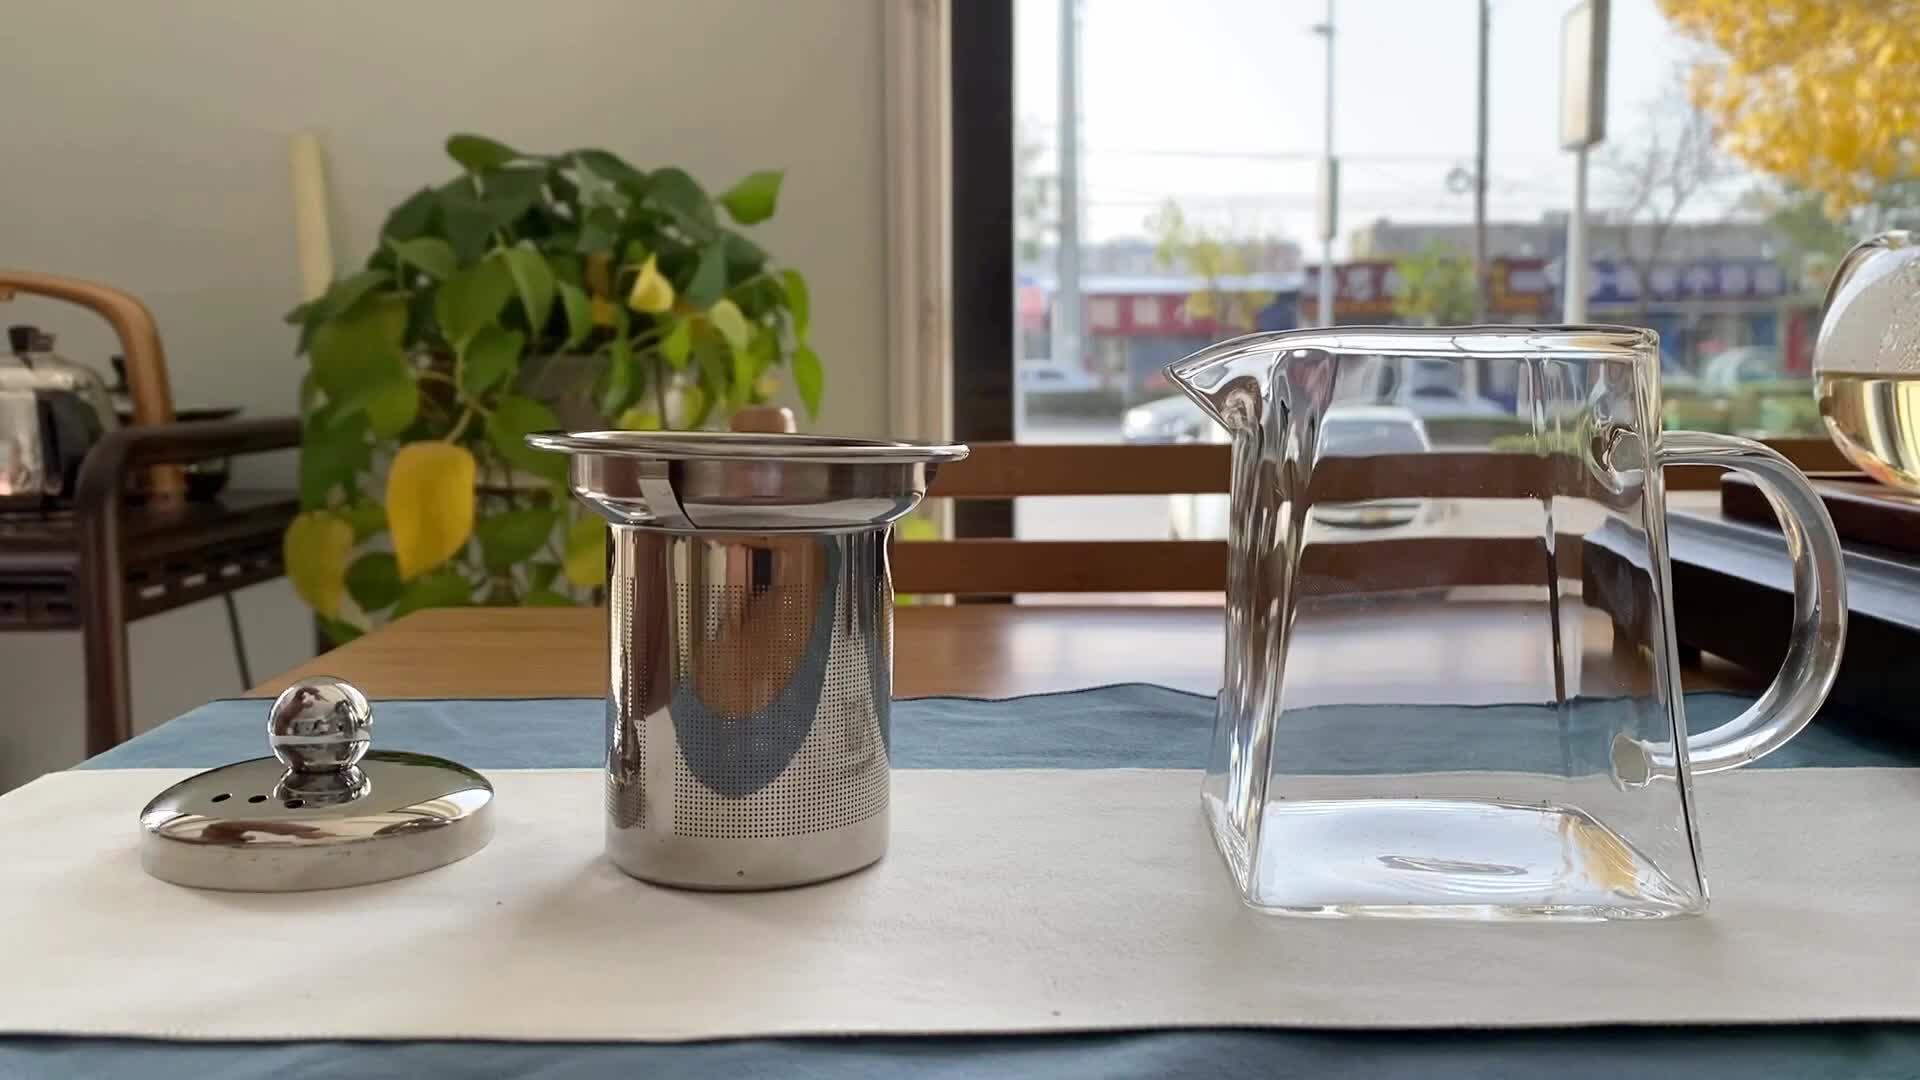 Nouvelle théière en verre pyrex de forme carrée avec poignée